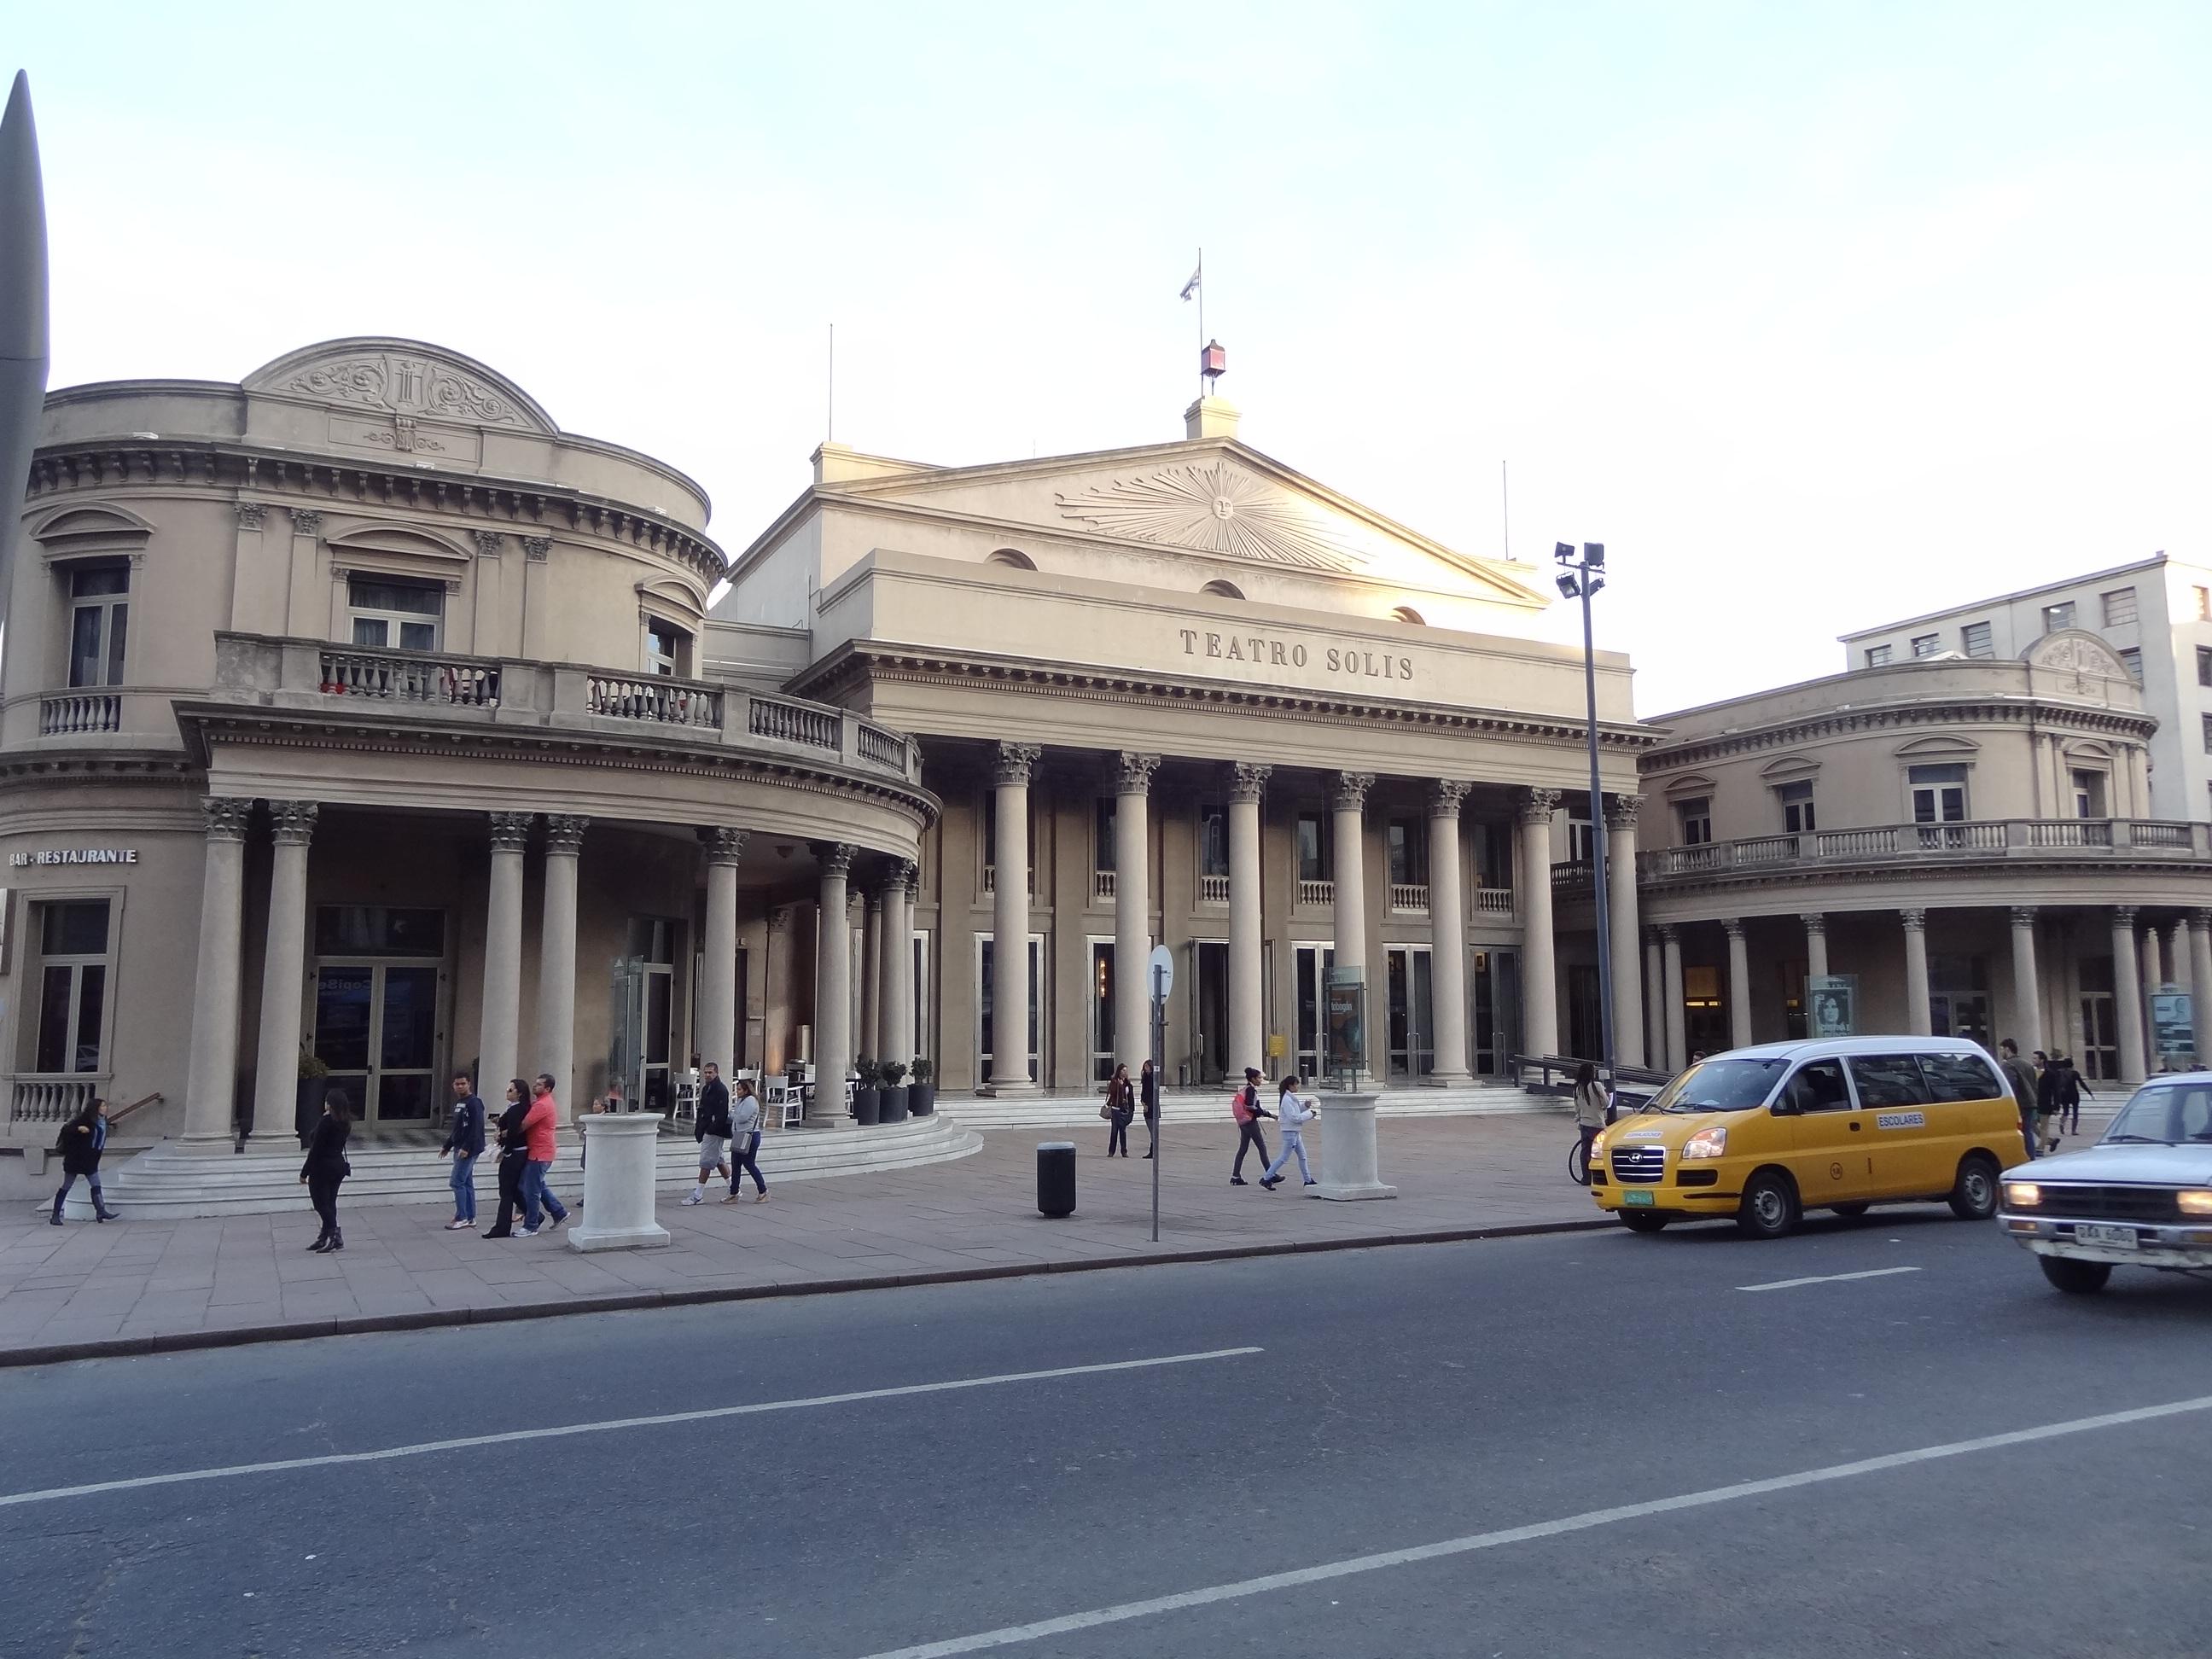 Uruguai-Montevideu-Teatro-Solis-Roteiro-Turismo Montevidéu - Conheça a Capital do Uruguai